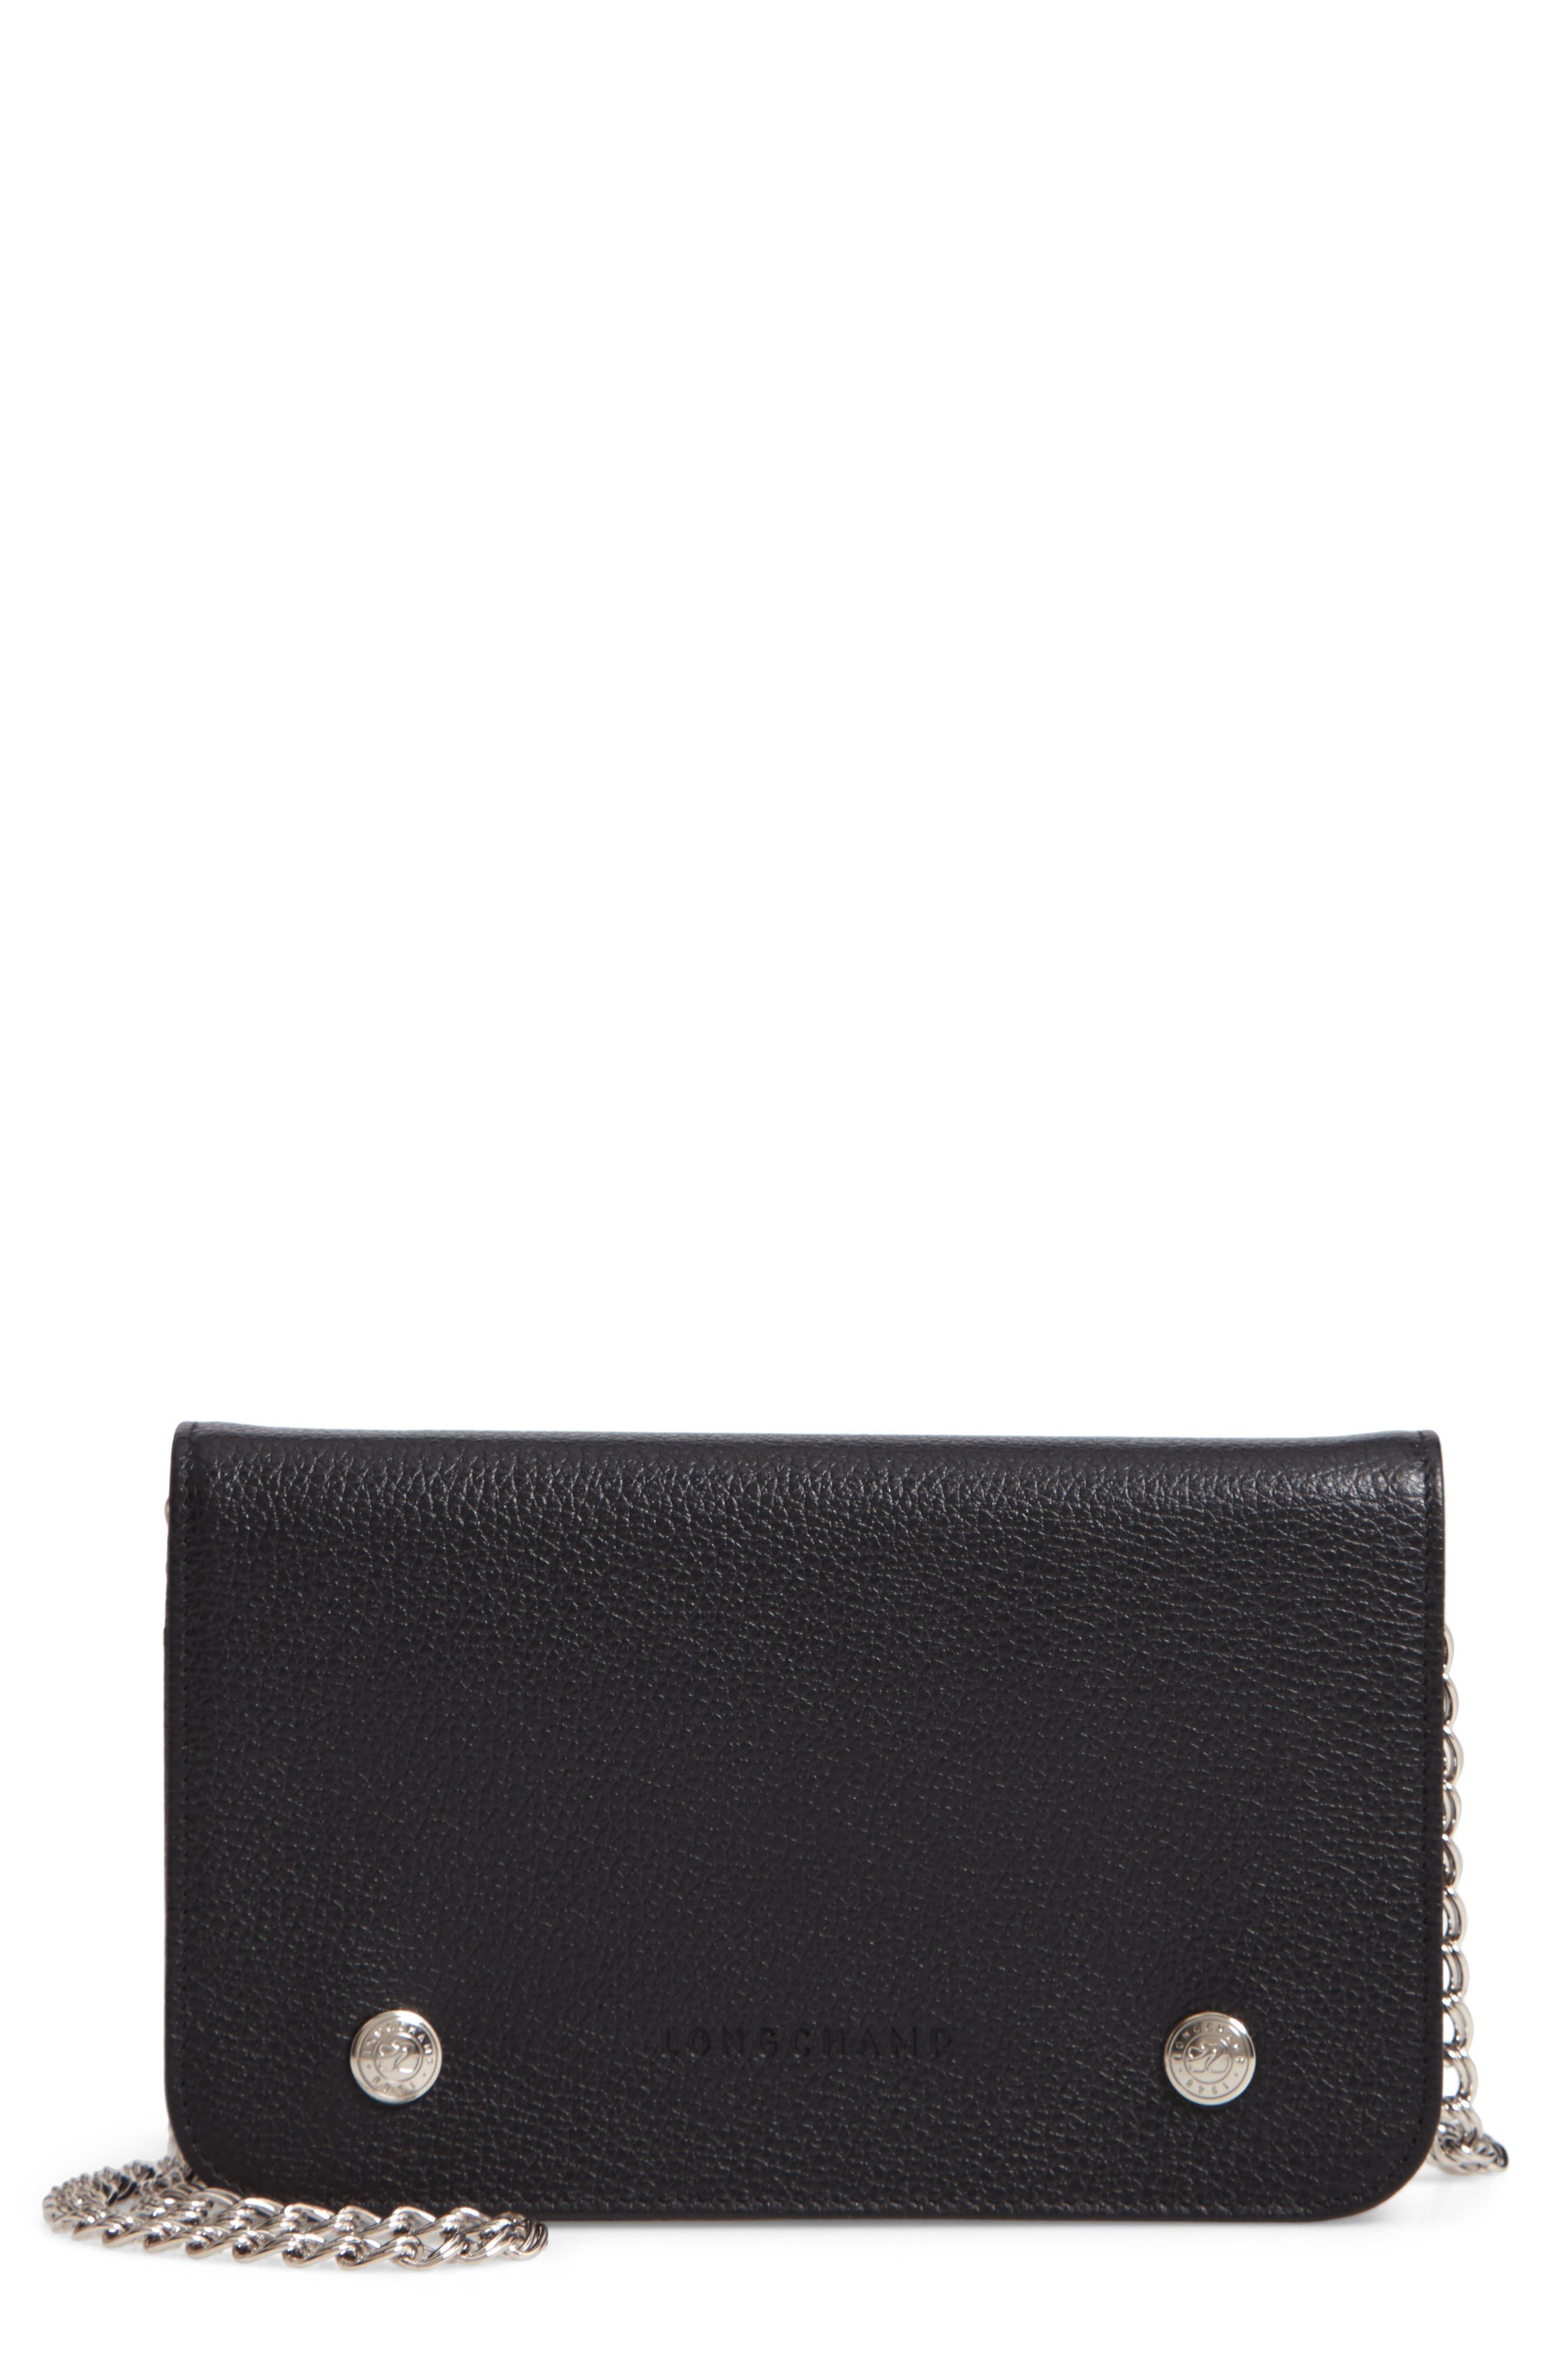 LONGCHAMP Le Foulonné Leather Wallet on a Chain, Main, color, BLACK